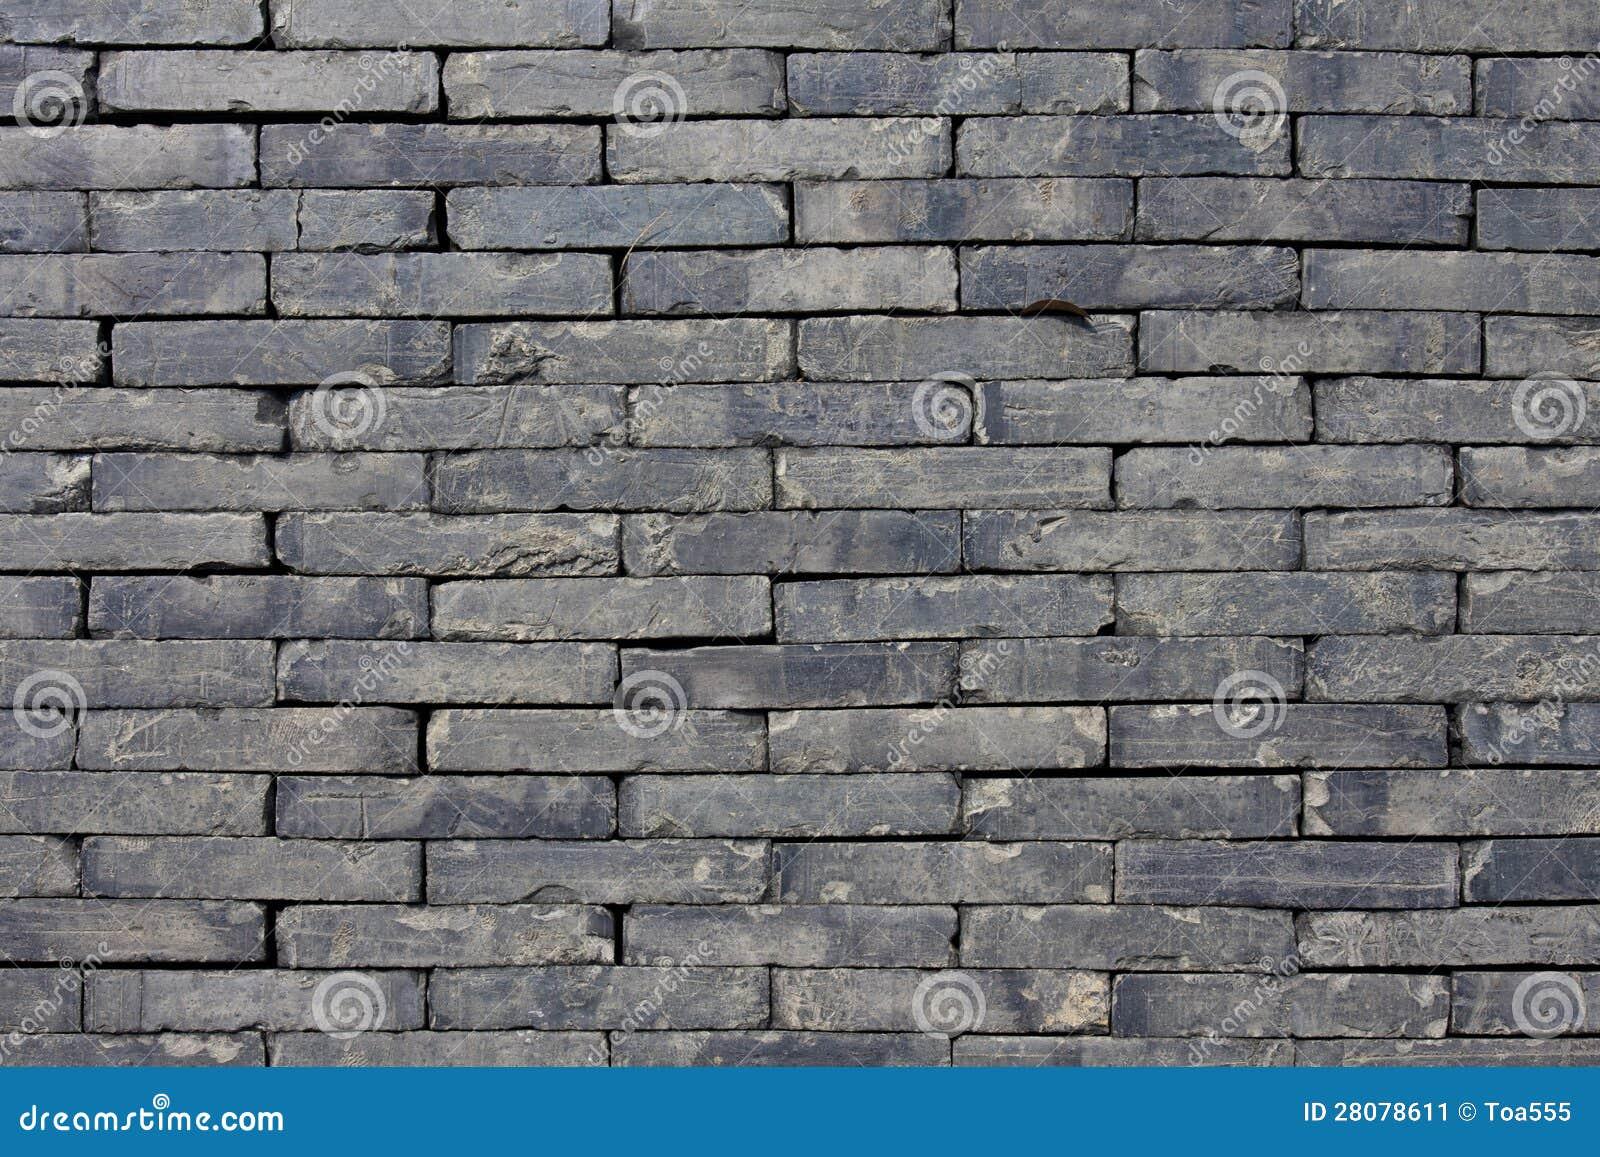 stone floor texture stock image image 28078611